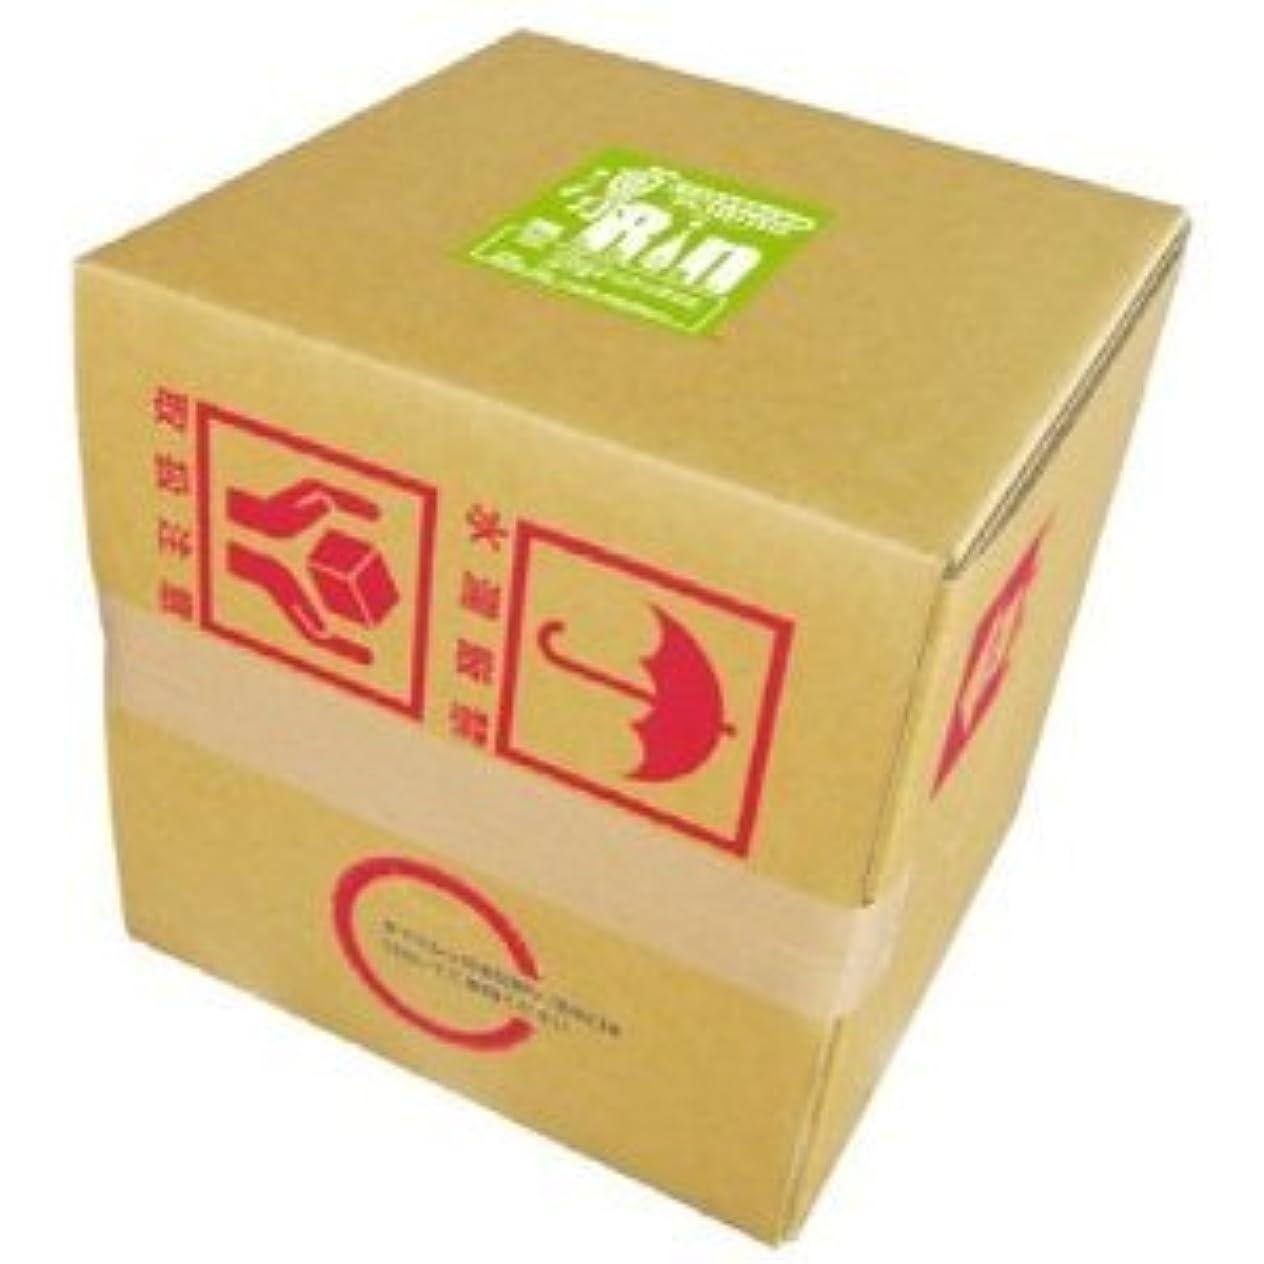 記憶イソギンチャクたるみくさの葉化粧品 ボディソープ 凛 20リットル 箱